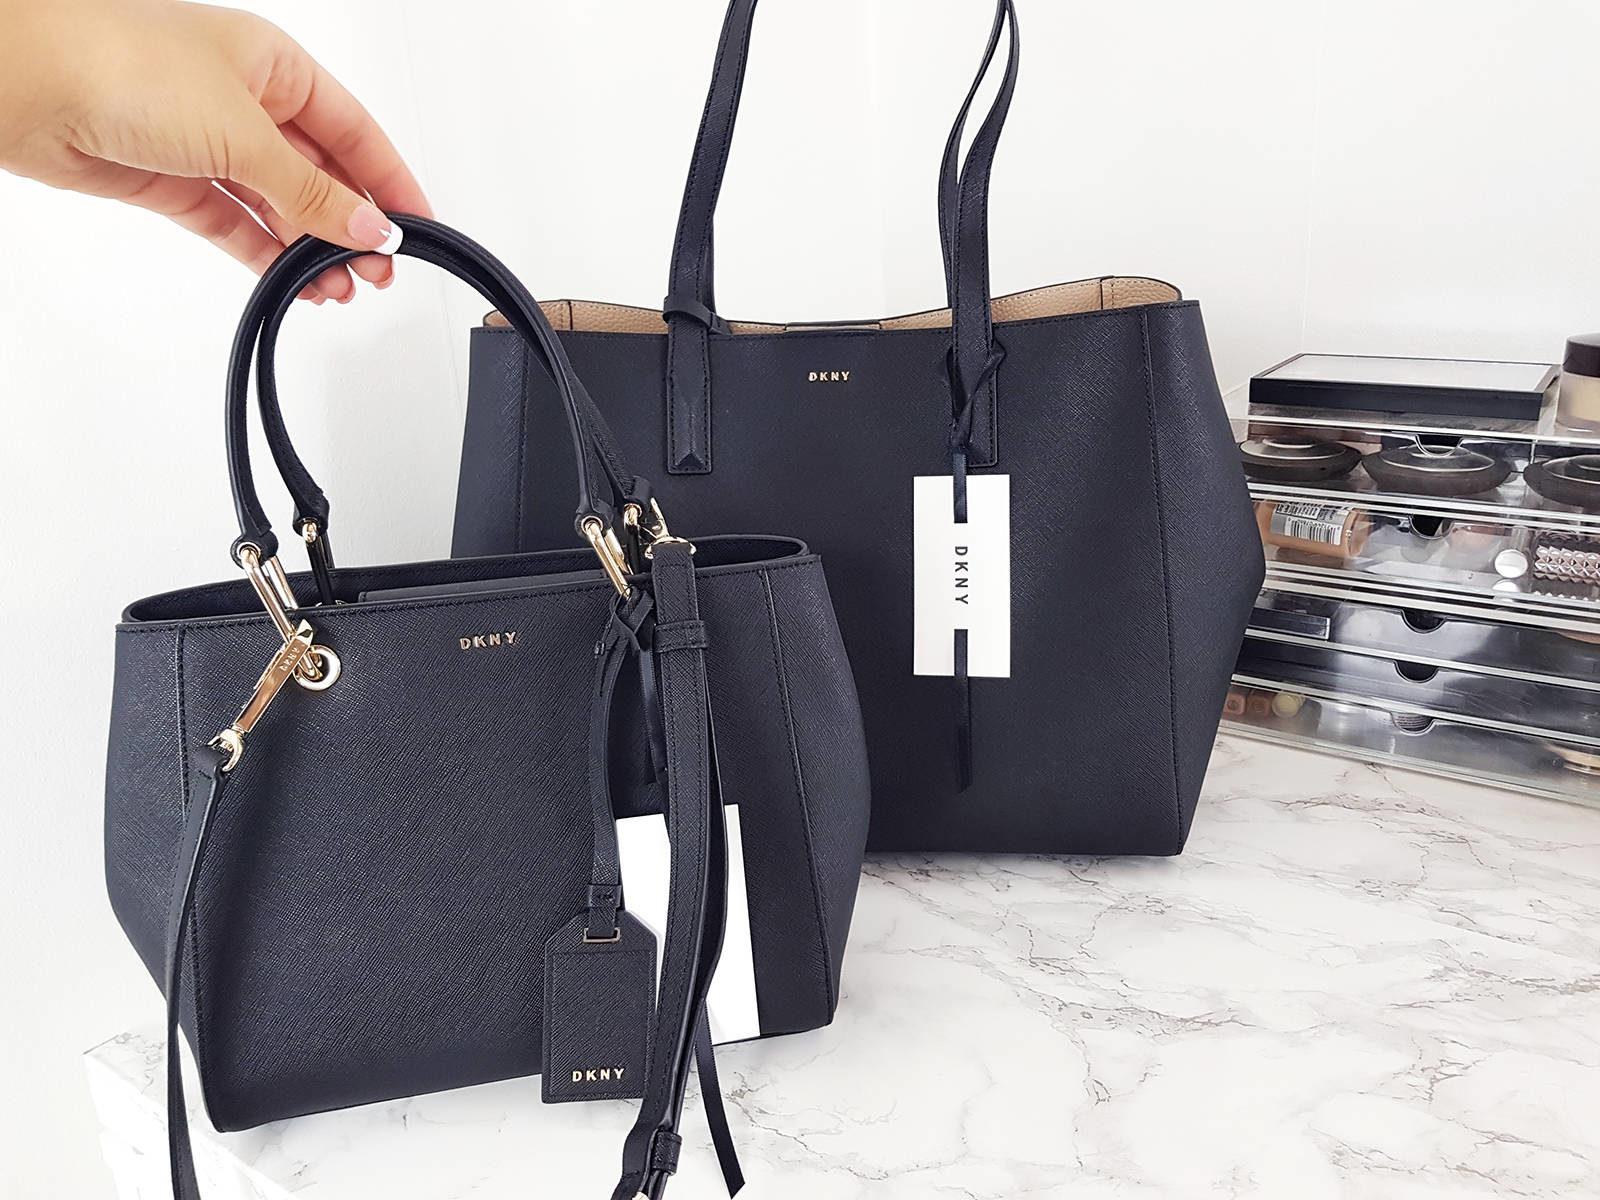 DKNY väskor – Linda Rainio